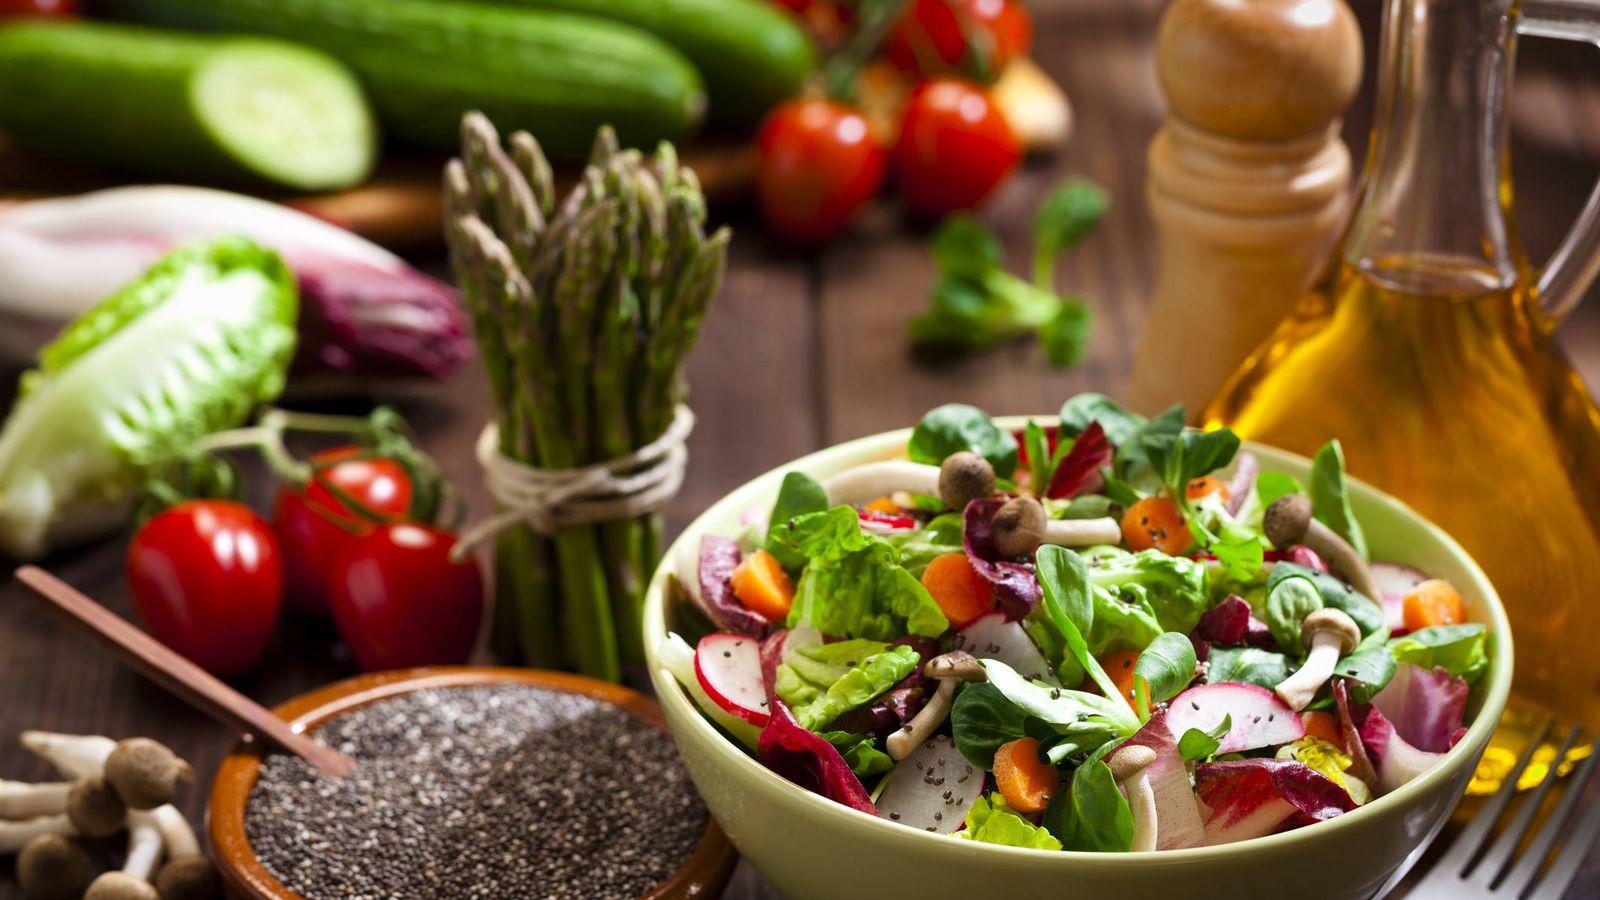 Foto: Frutas y verduras frescas. (iStock)